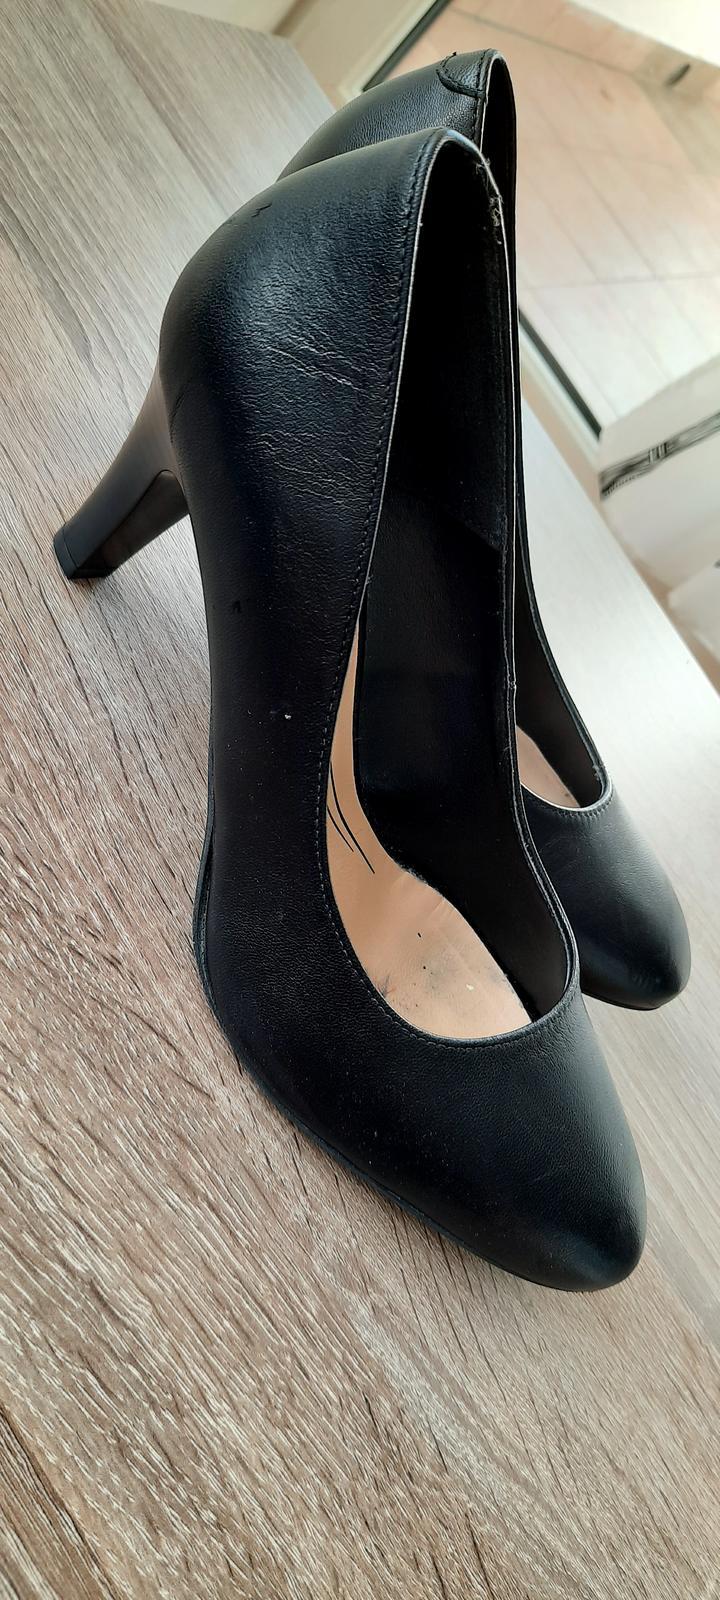 Dámské boty na podpatku - Obrázek č. 2